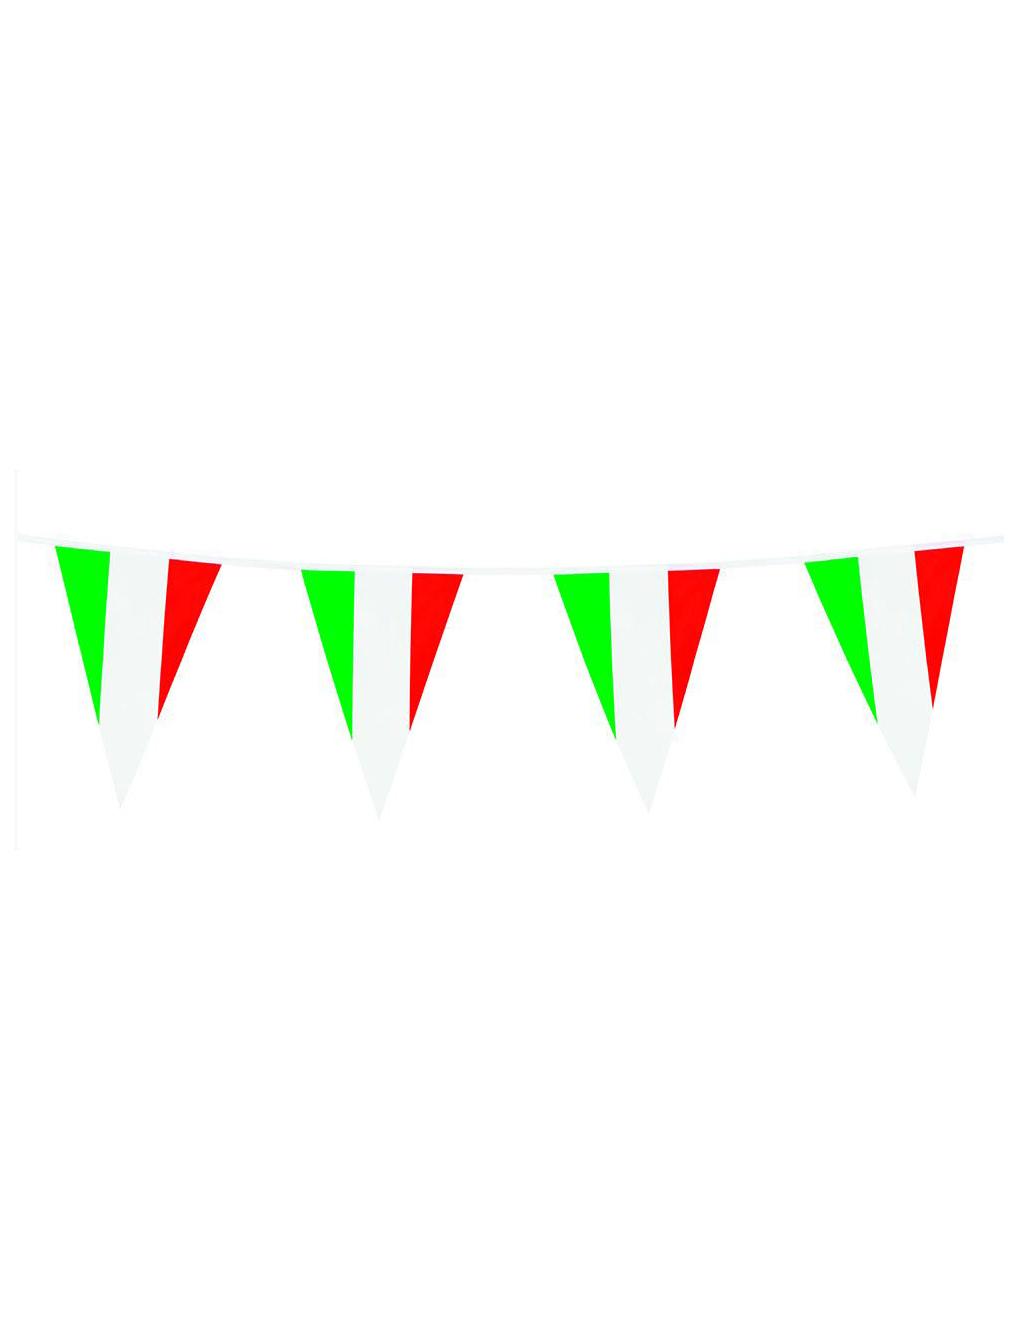 Grinalda bandeiras Itália 10 m  Decoração   Animação 0c21233b7d53d